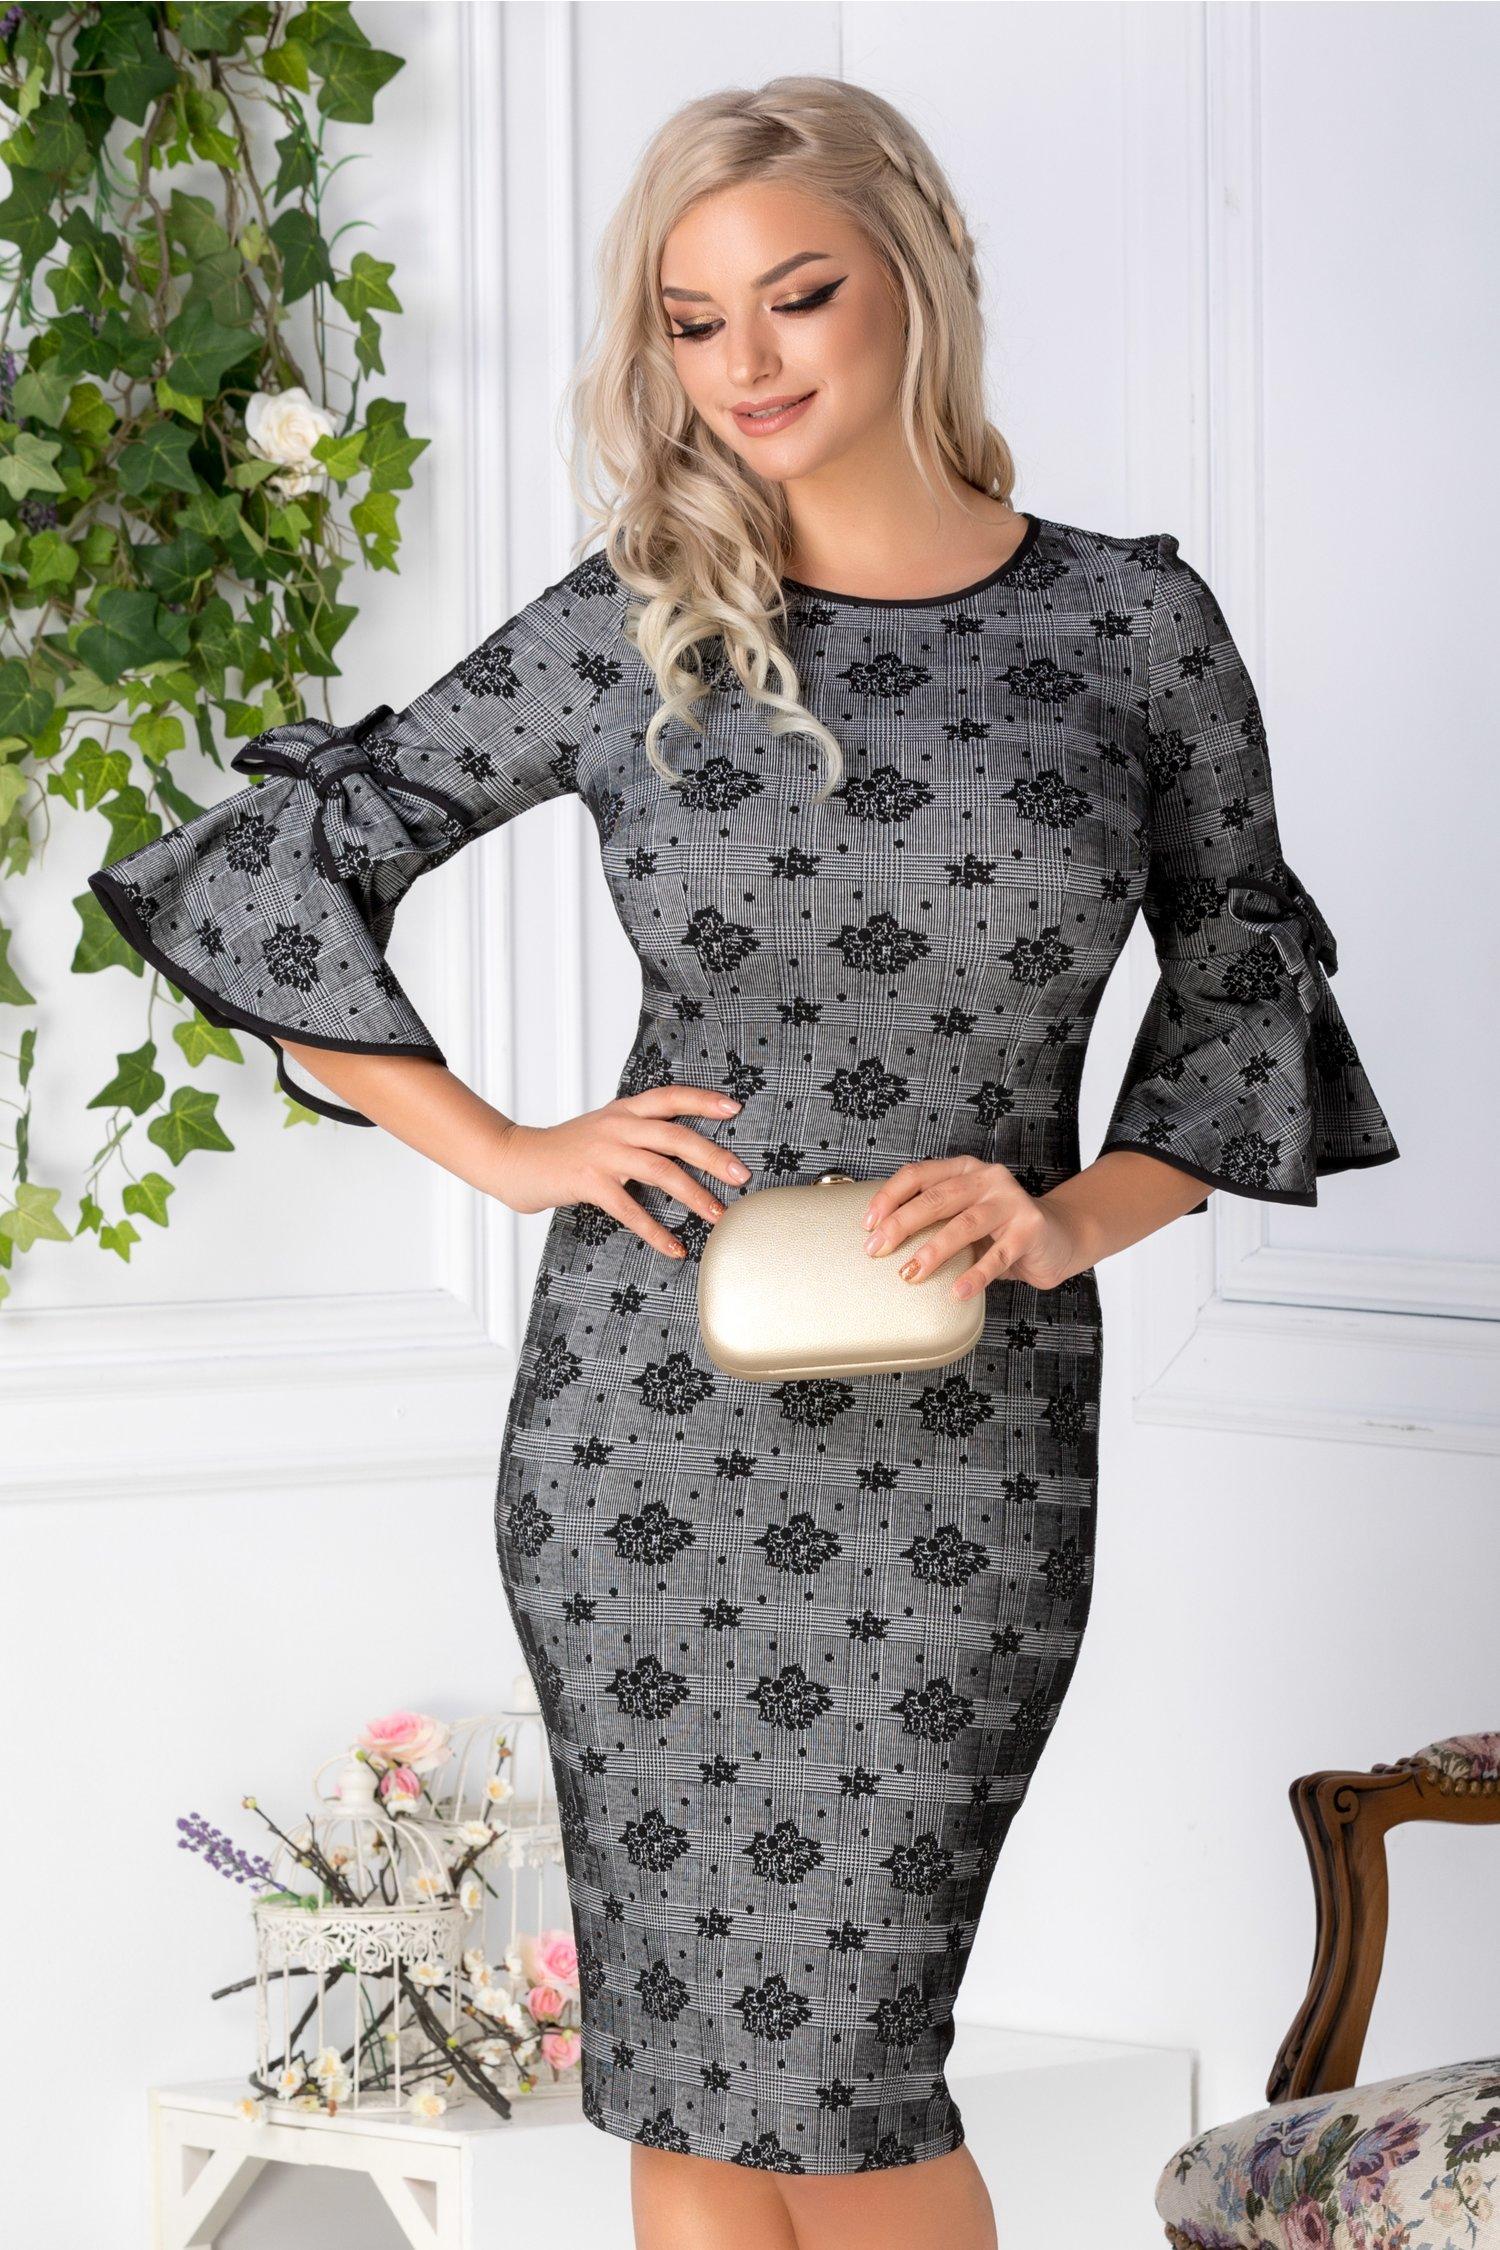 Rochie Zahia gri cu carouri si motive florale negre